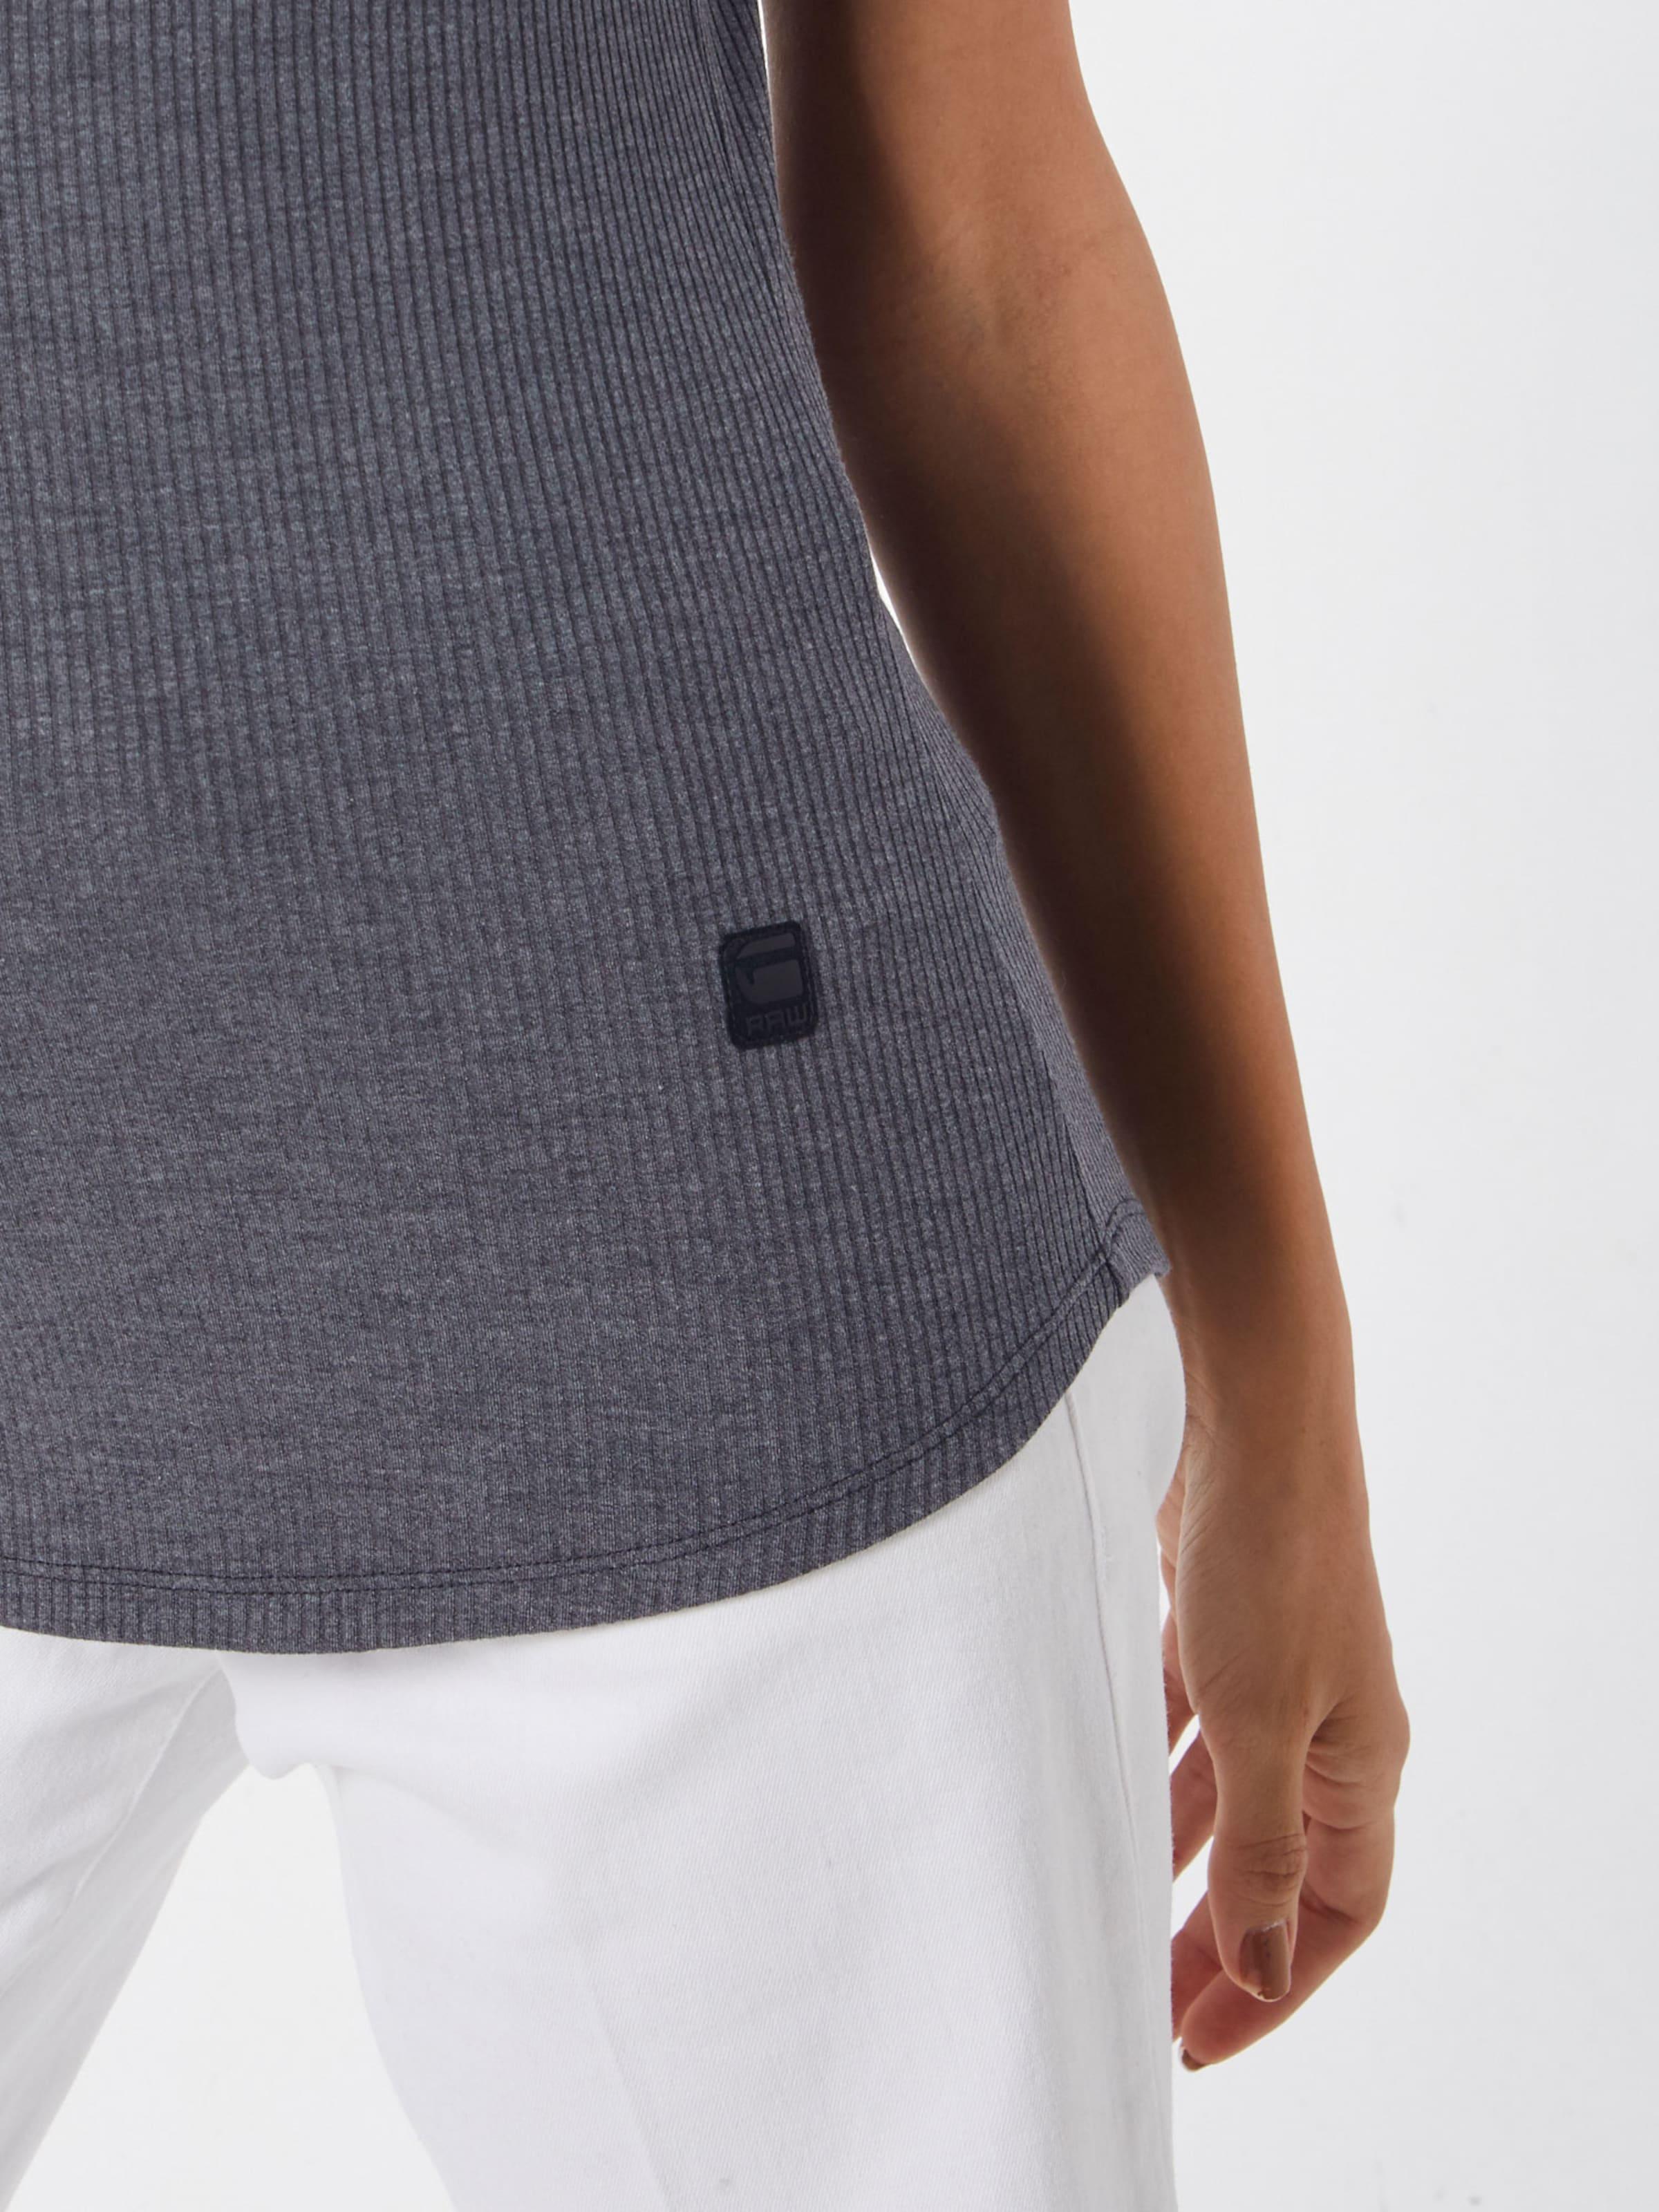 Raw Dunkelgrau Slim' star shirt In G T 'mysid 80PXwnOk